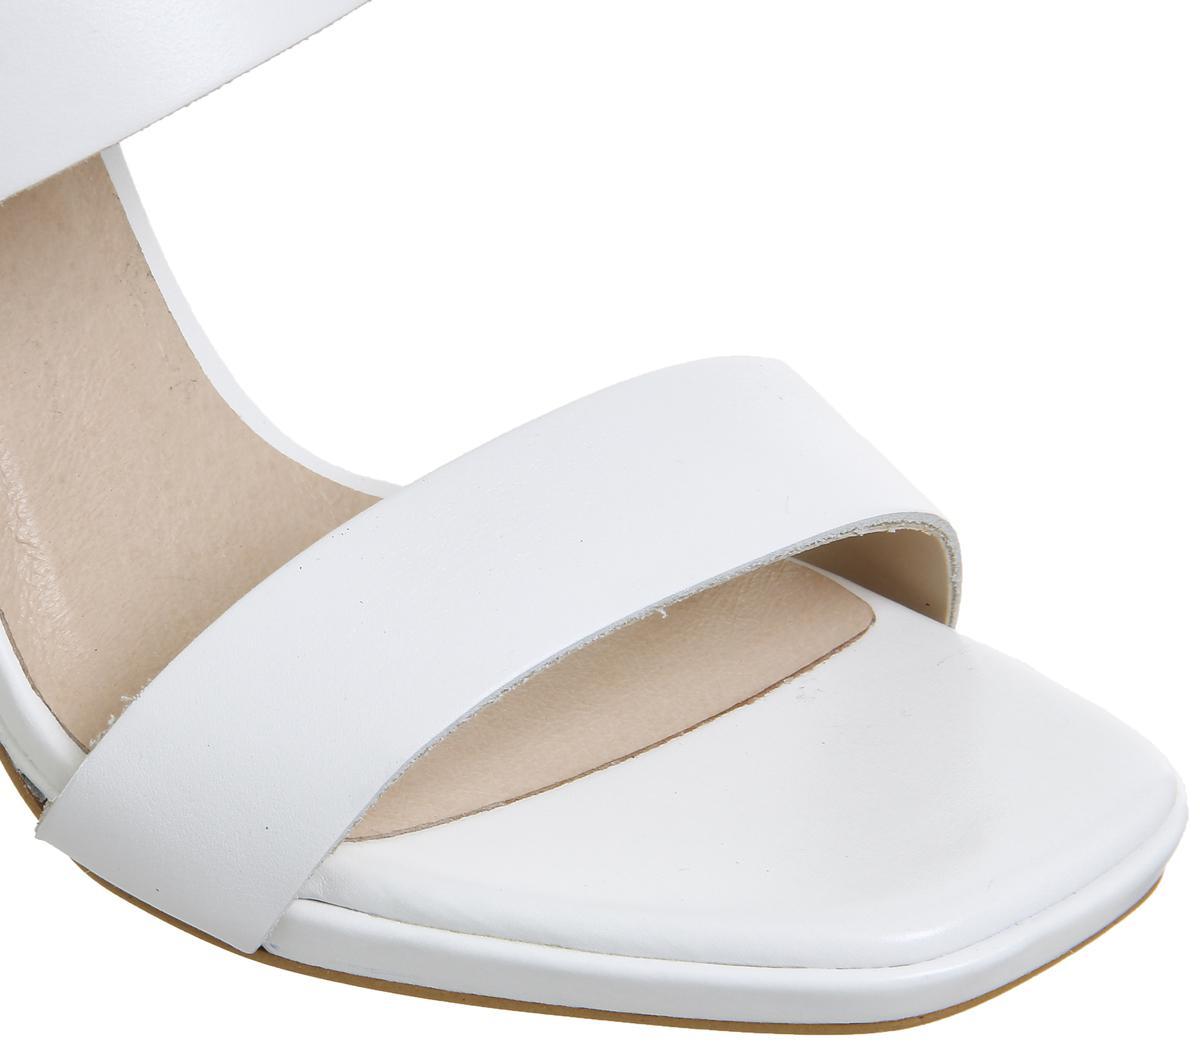 fb7af371649 Office Howl Slingback Slim Block Heels in White - Lyst